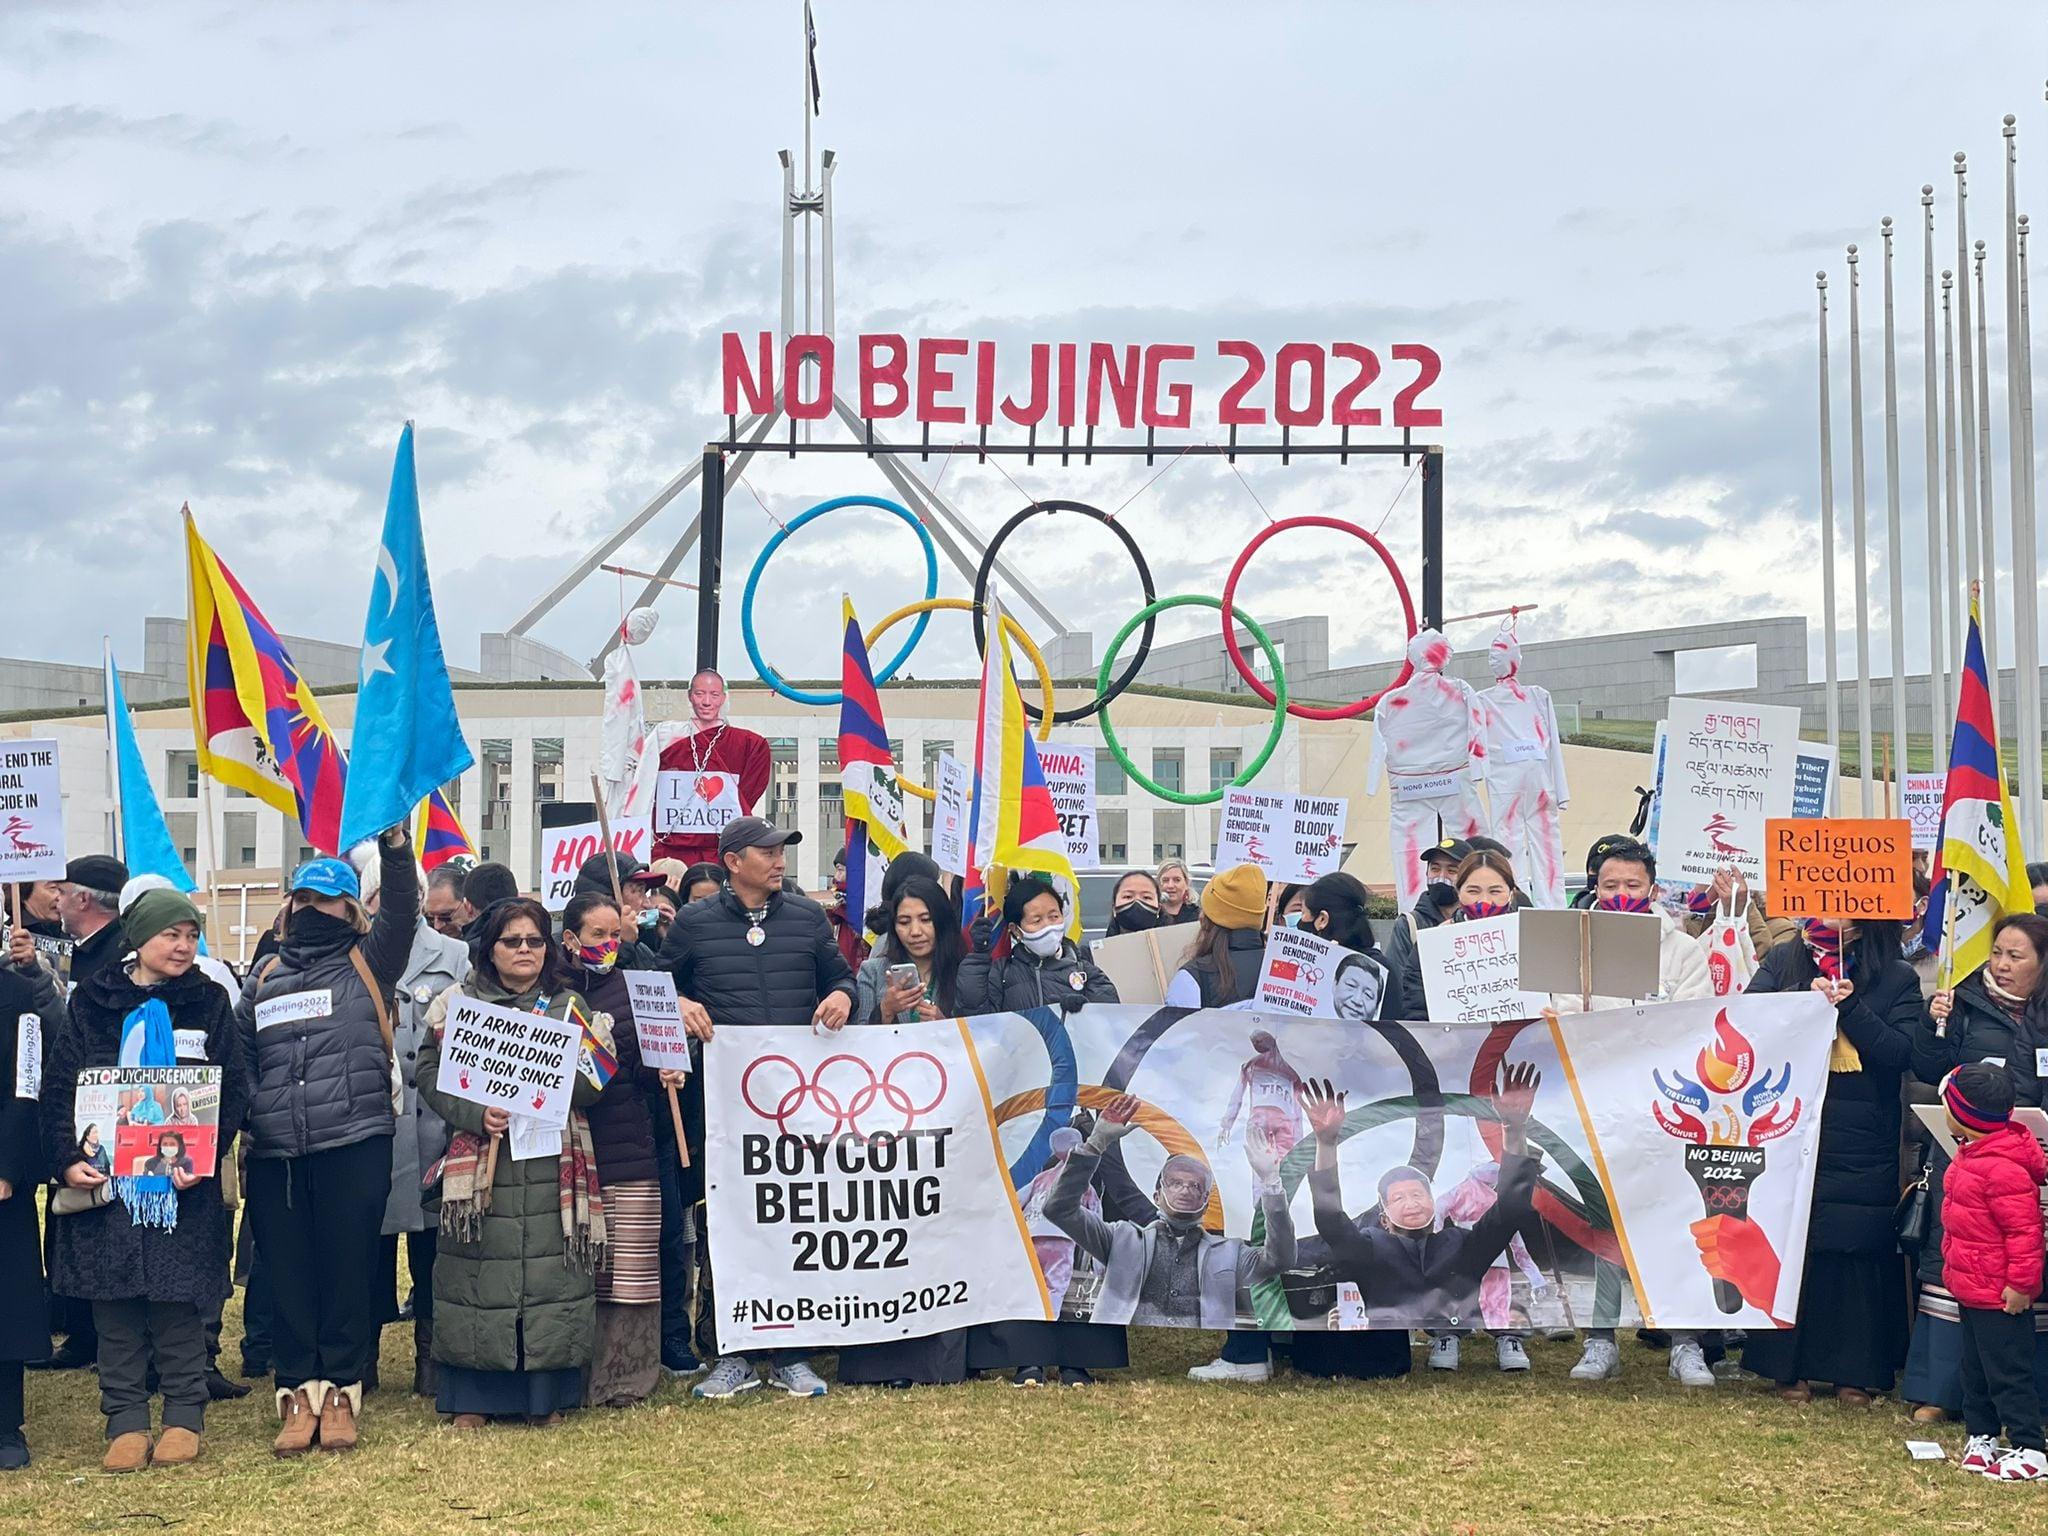 全球藏人同多个团体联合抗议中共举办2022年北京冬季奥运